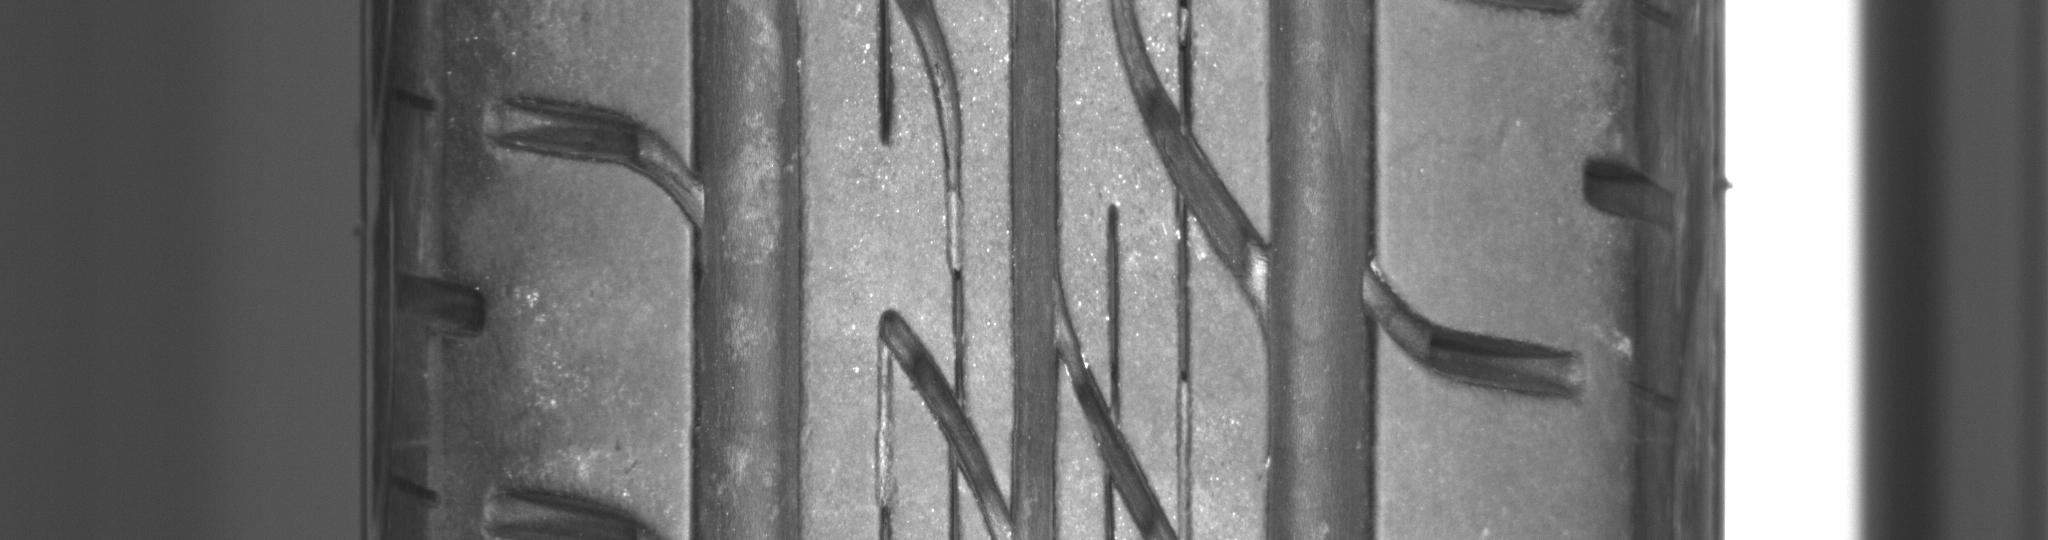 タイヤ  - その他メーカー その他  Ref:SP231301_581     1/1